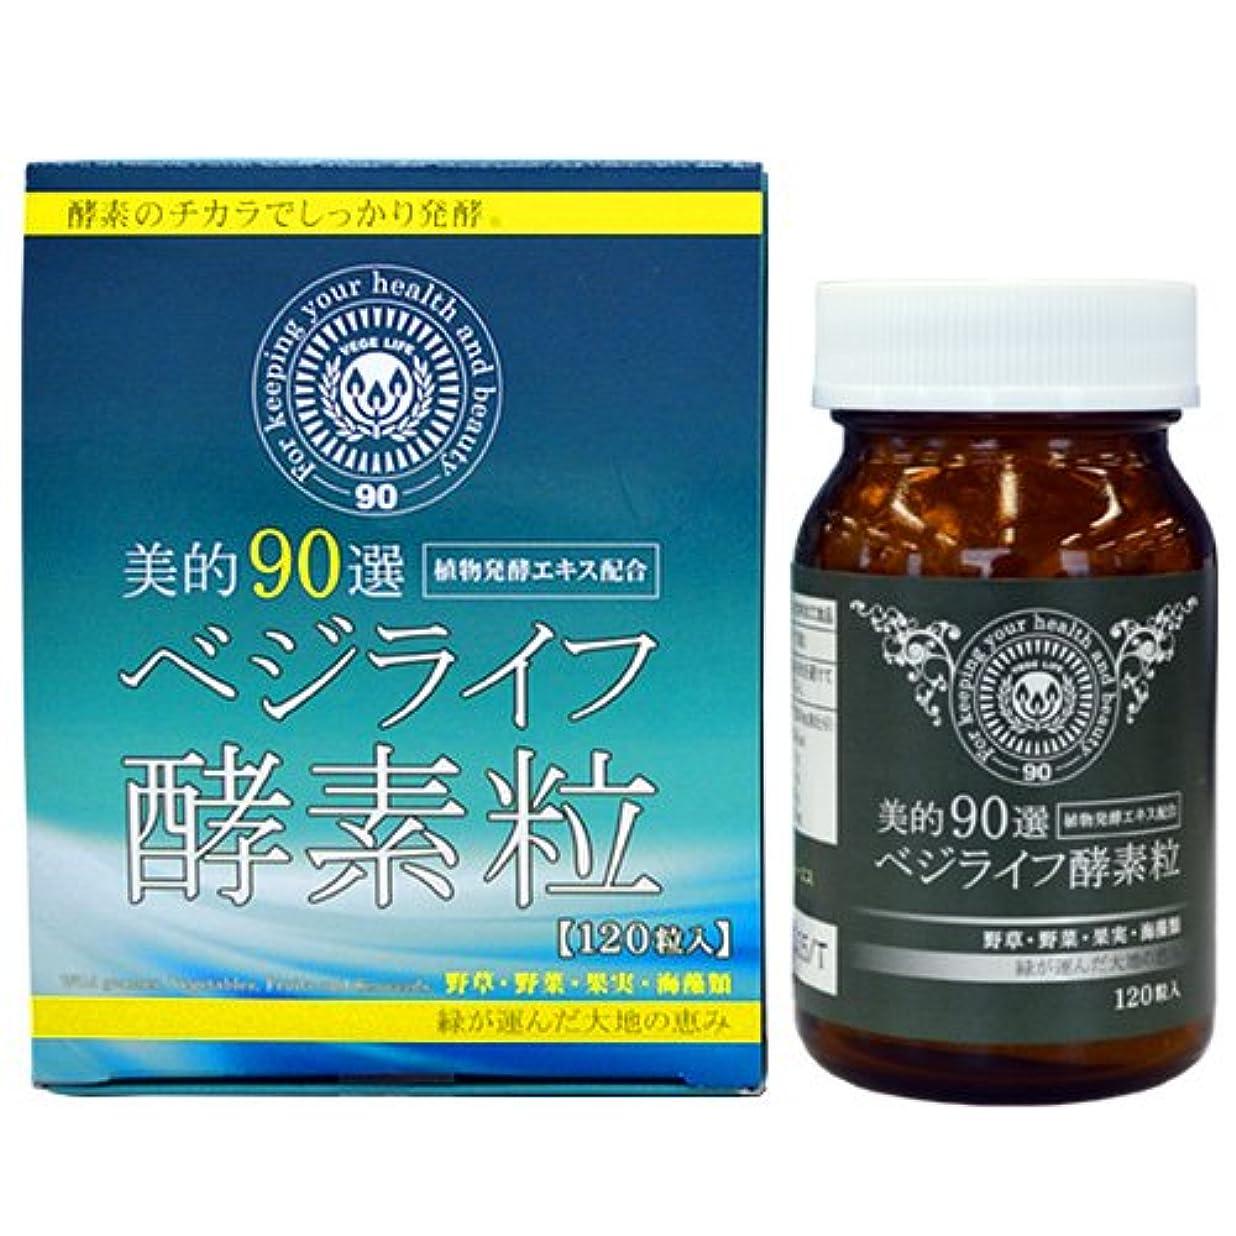 同封する弾丸女性植物発酵エキス配合 美的90選ベジライフ酵素粒(120粒入り)